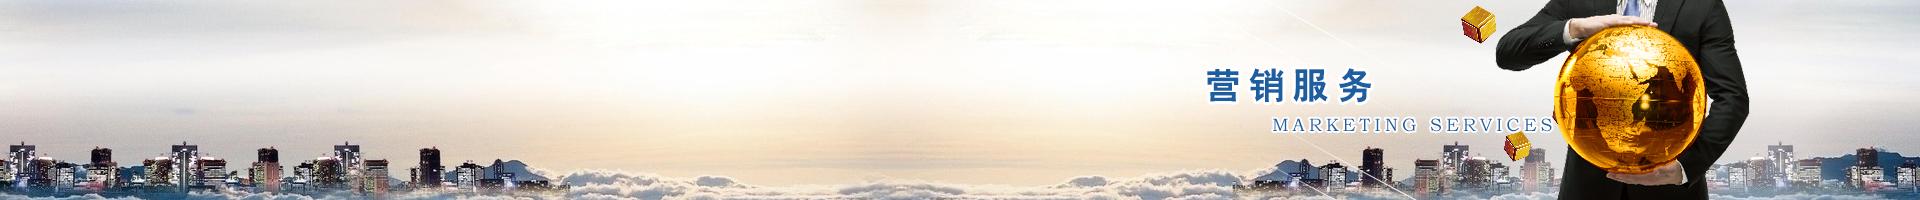 云顶国际官方网址